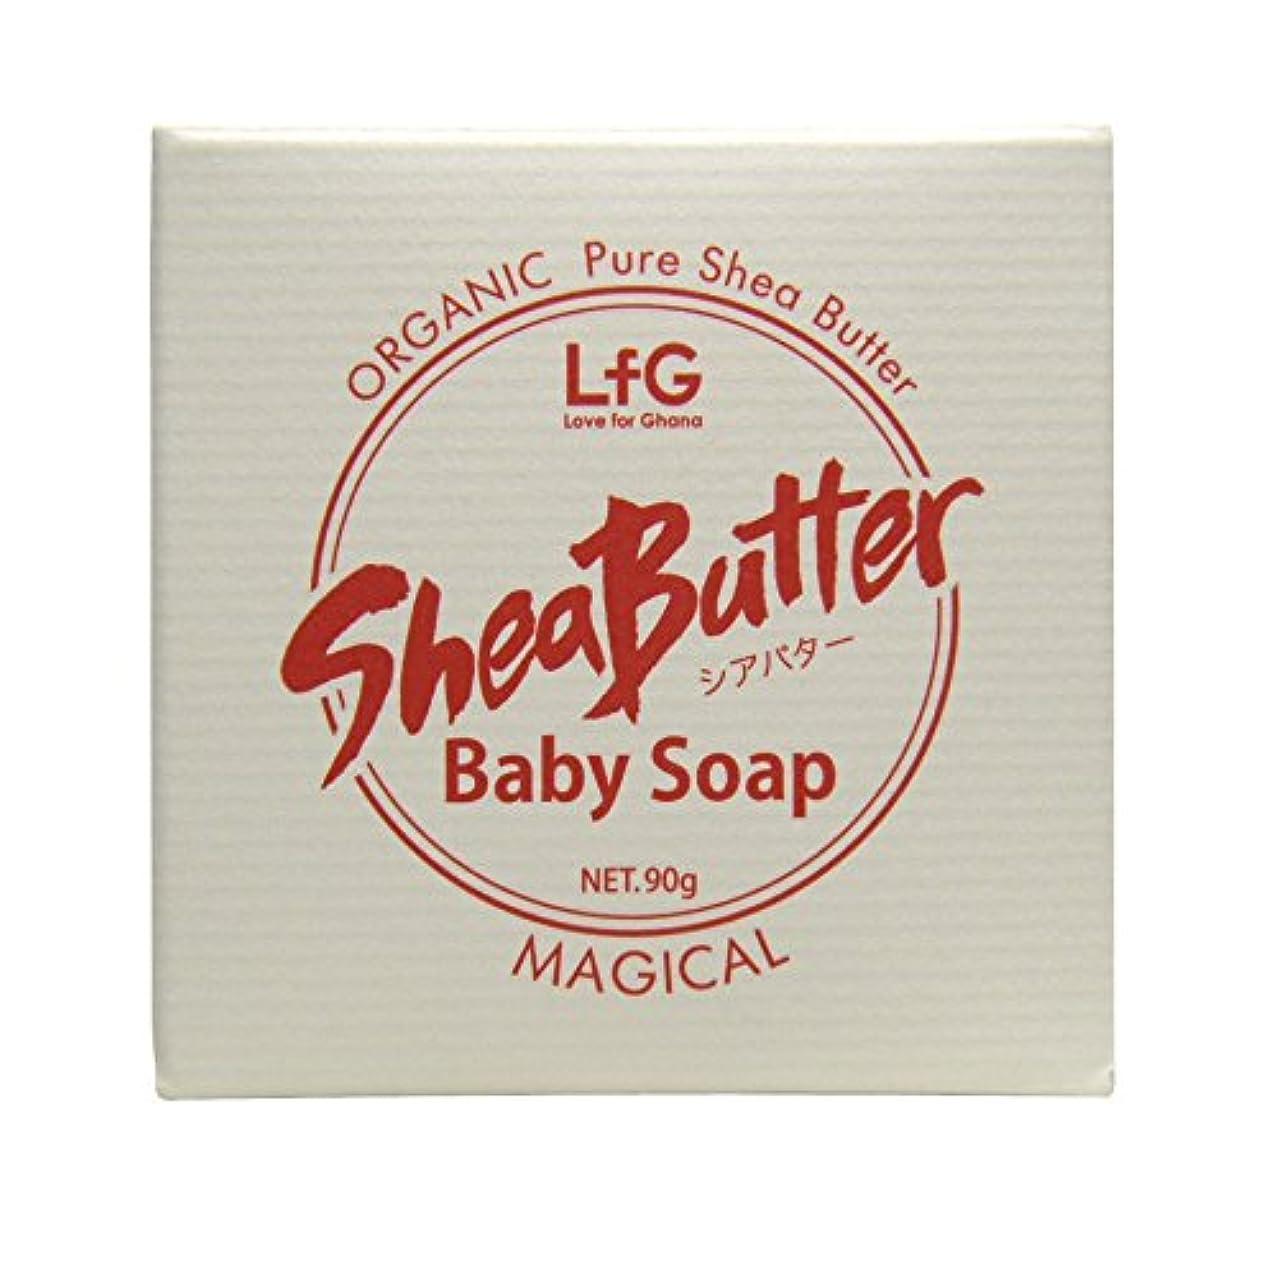 電池楽観的がんばり続けるマジカル シアバターベビーソープ 保湿石鹸 90g